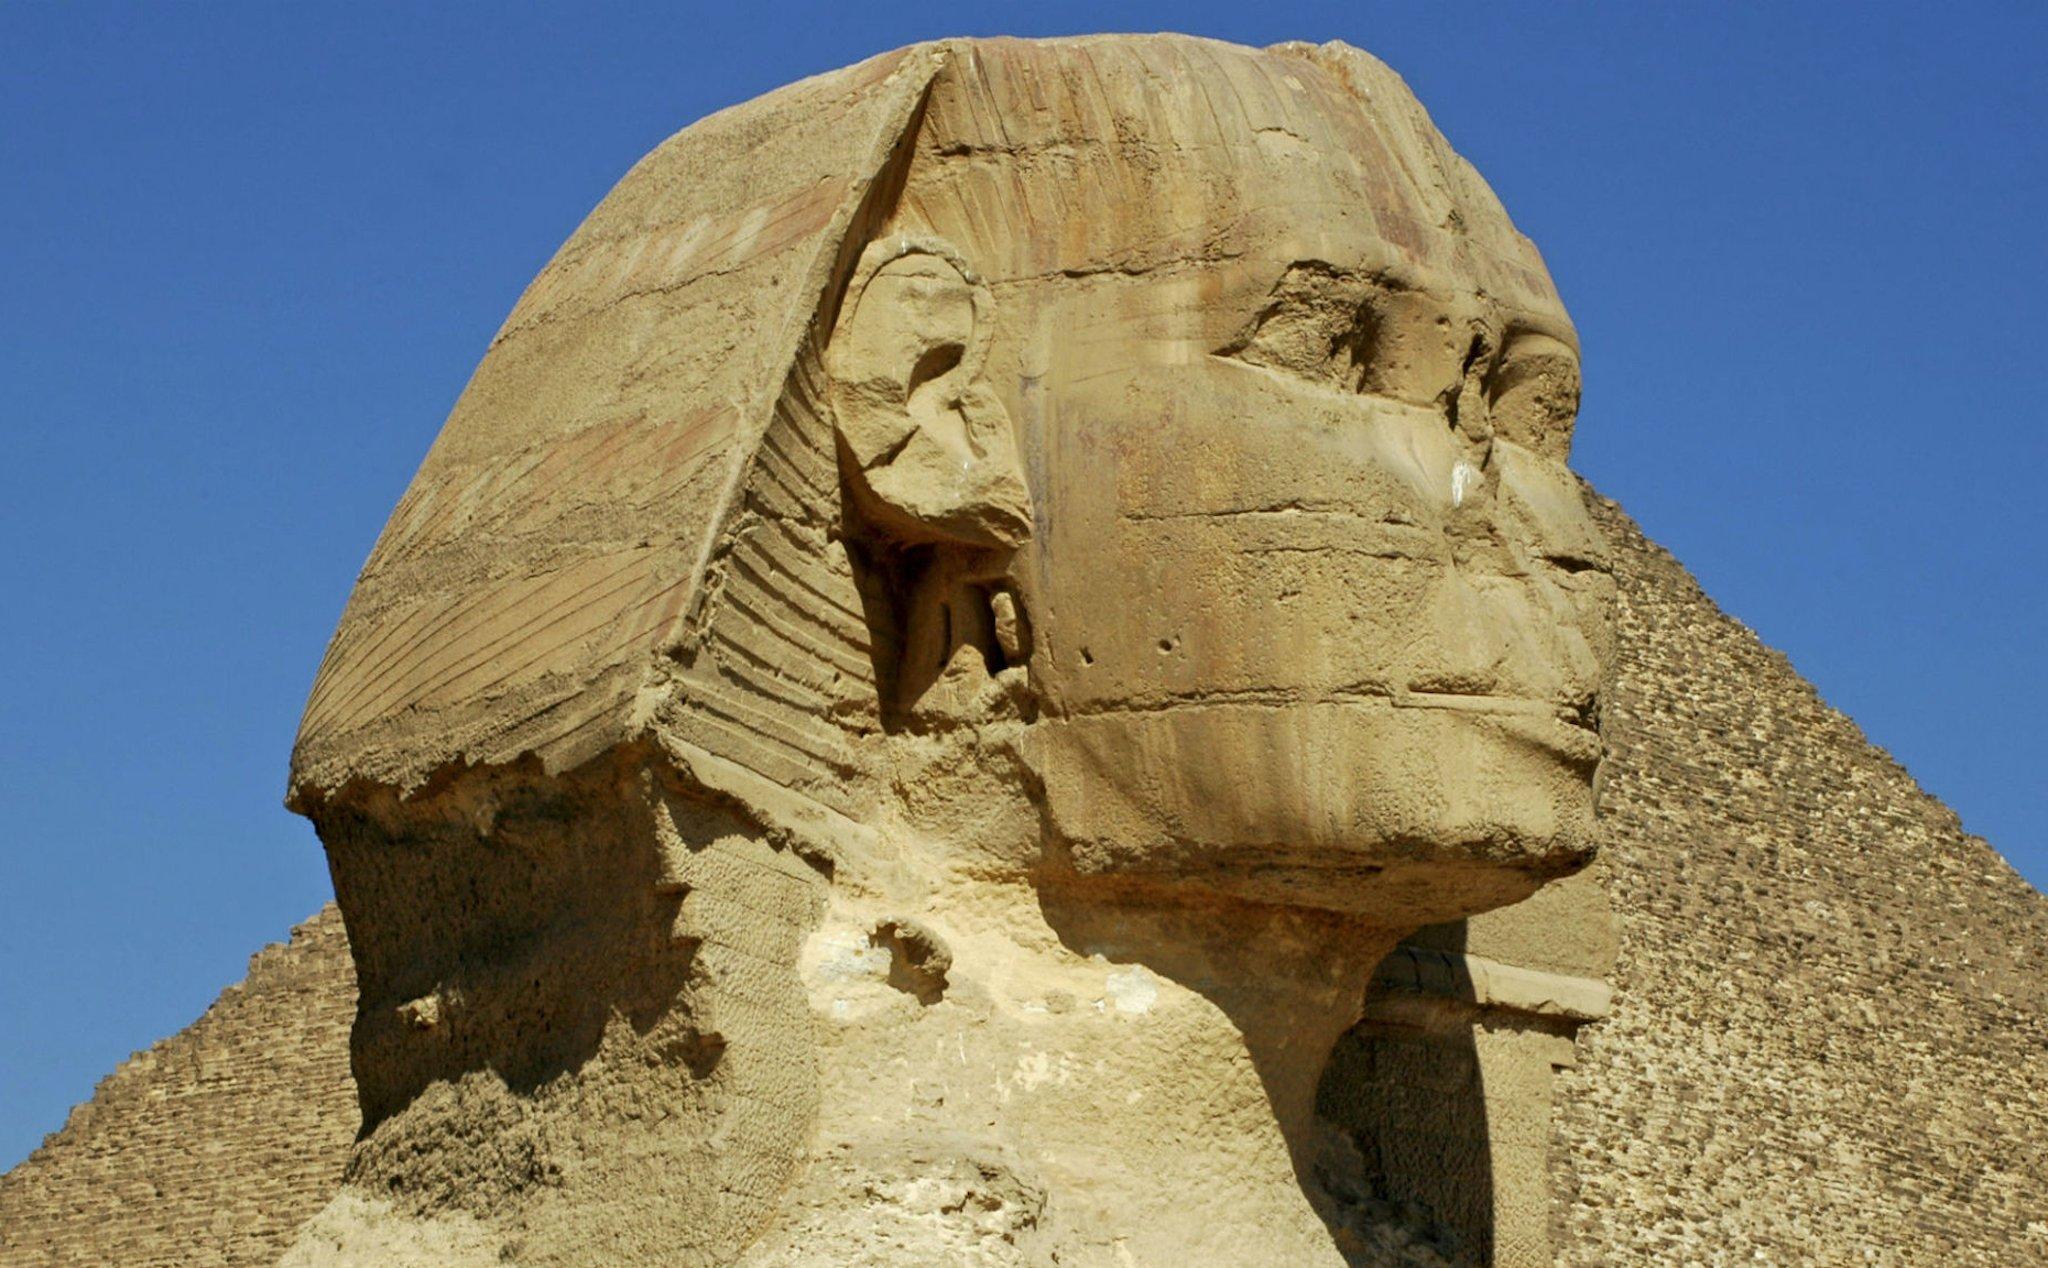 Tại sao những bức tượng Ai Cập cổ đại thường bị mất mũi? - 1